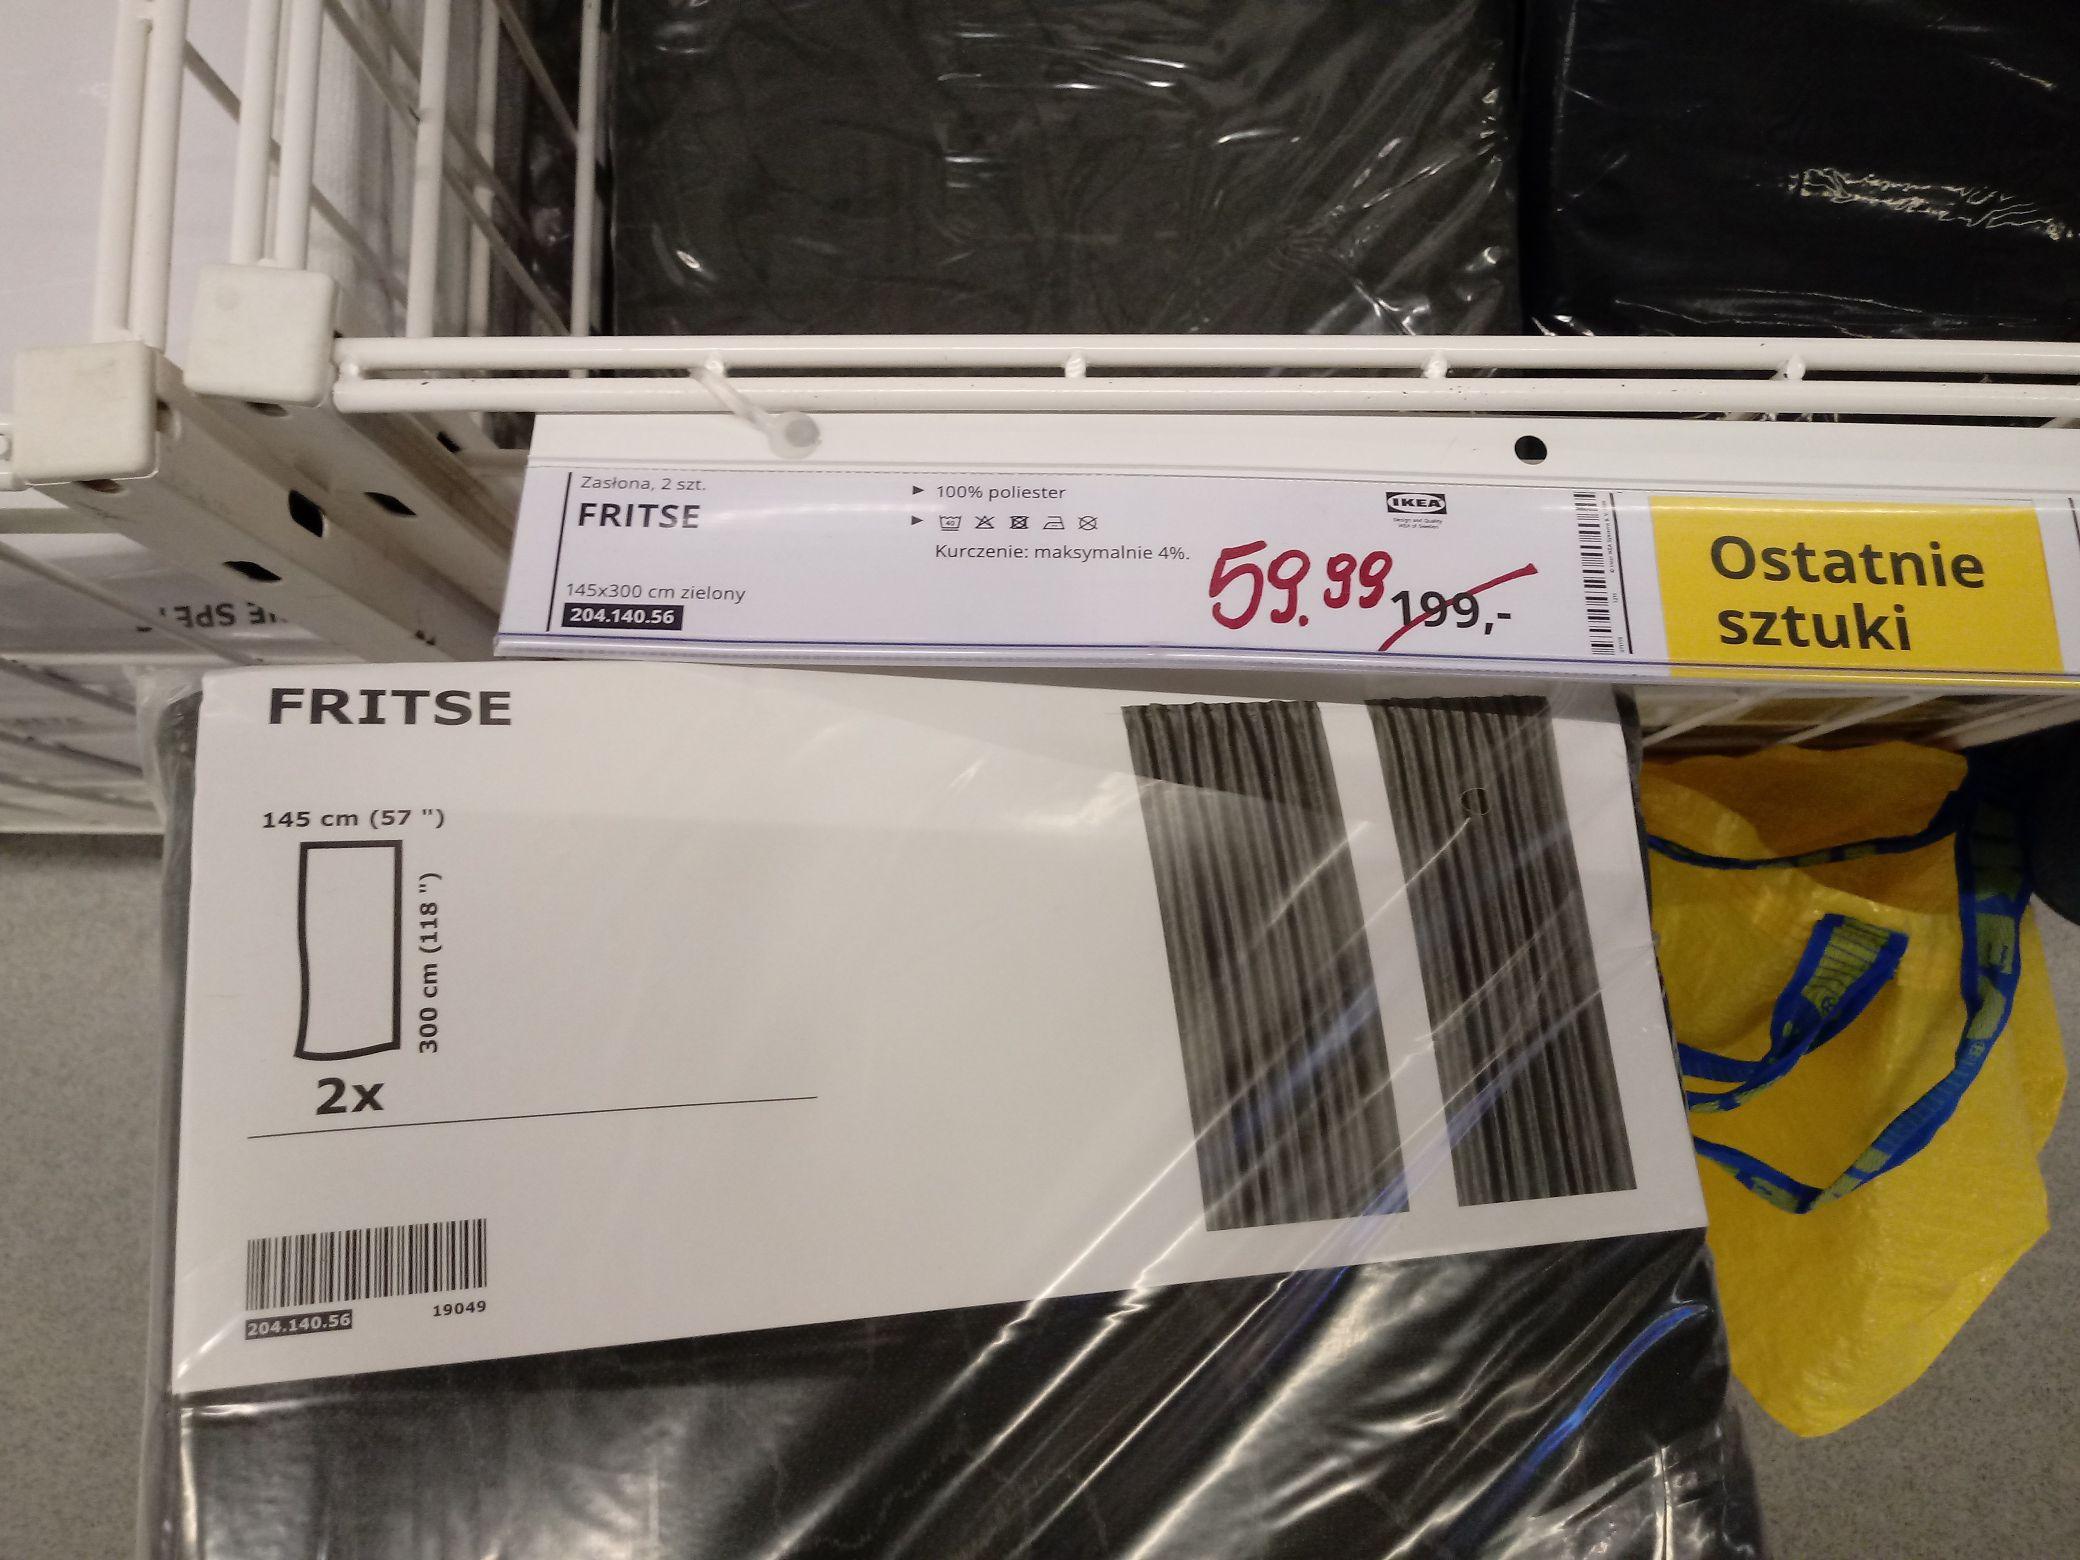 Ikea Zasłony Fritse